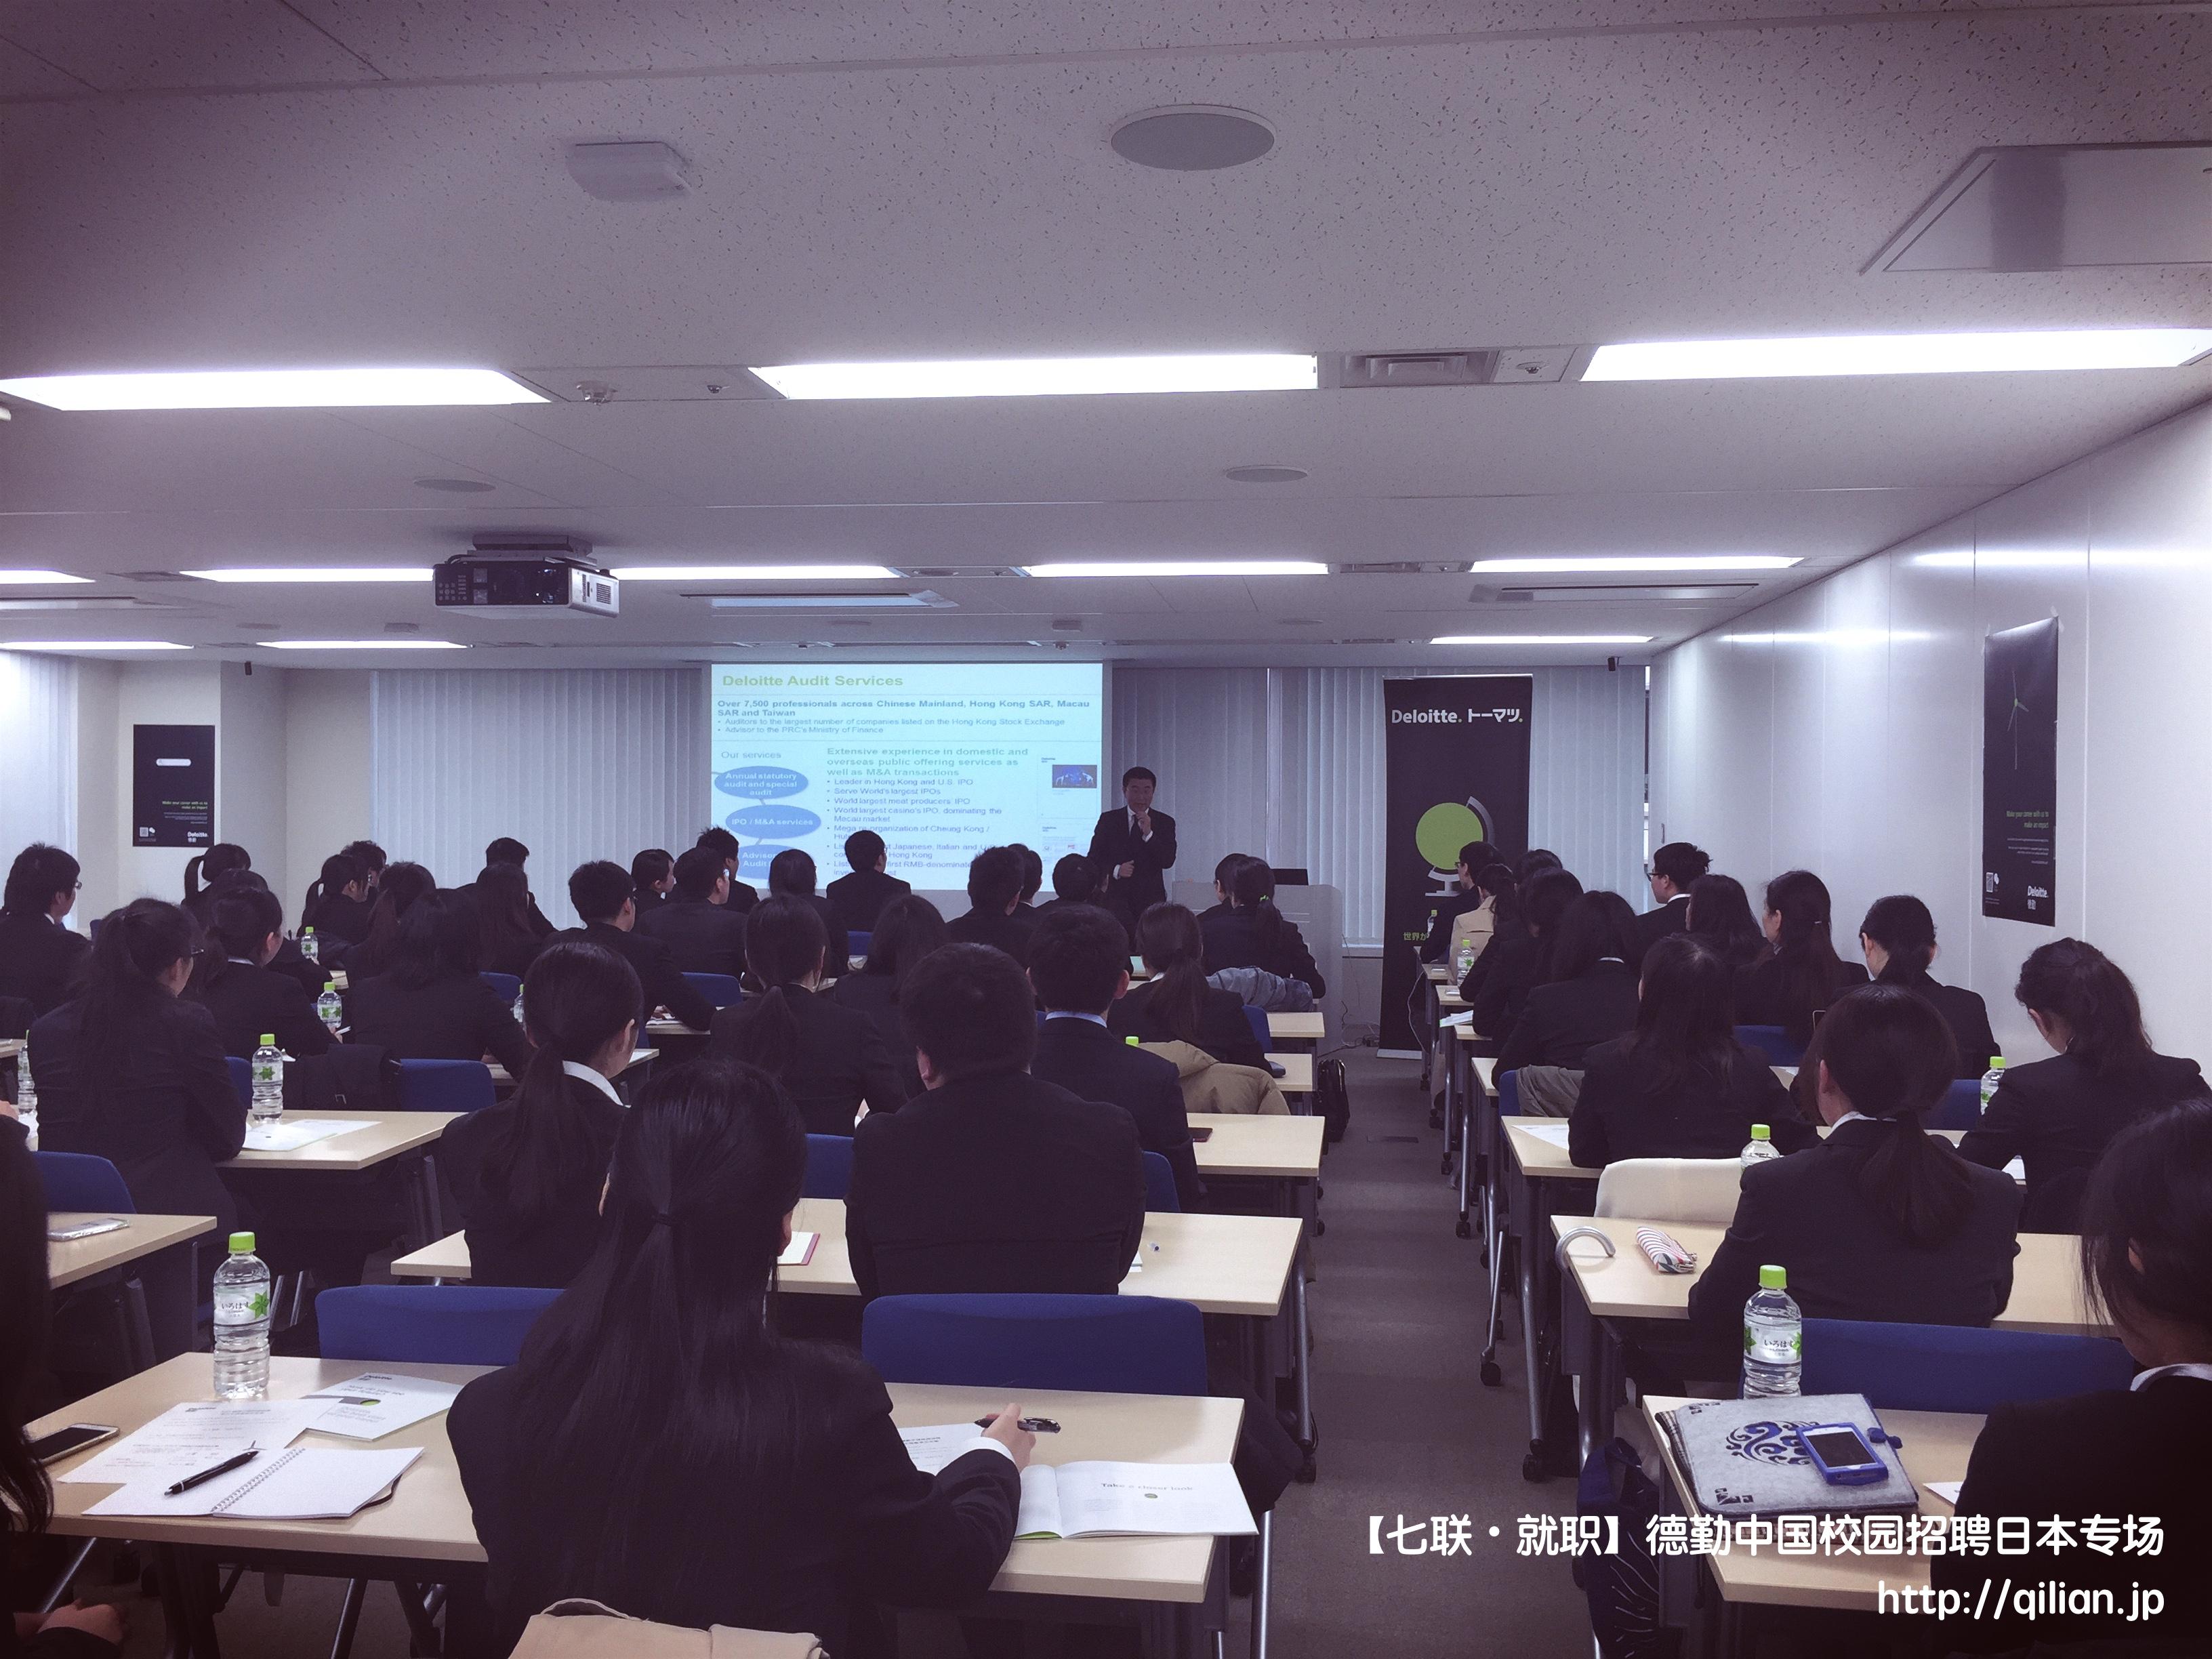 德勤,日本专场,留学生招聘,活动照片